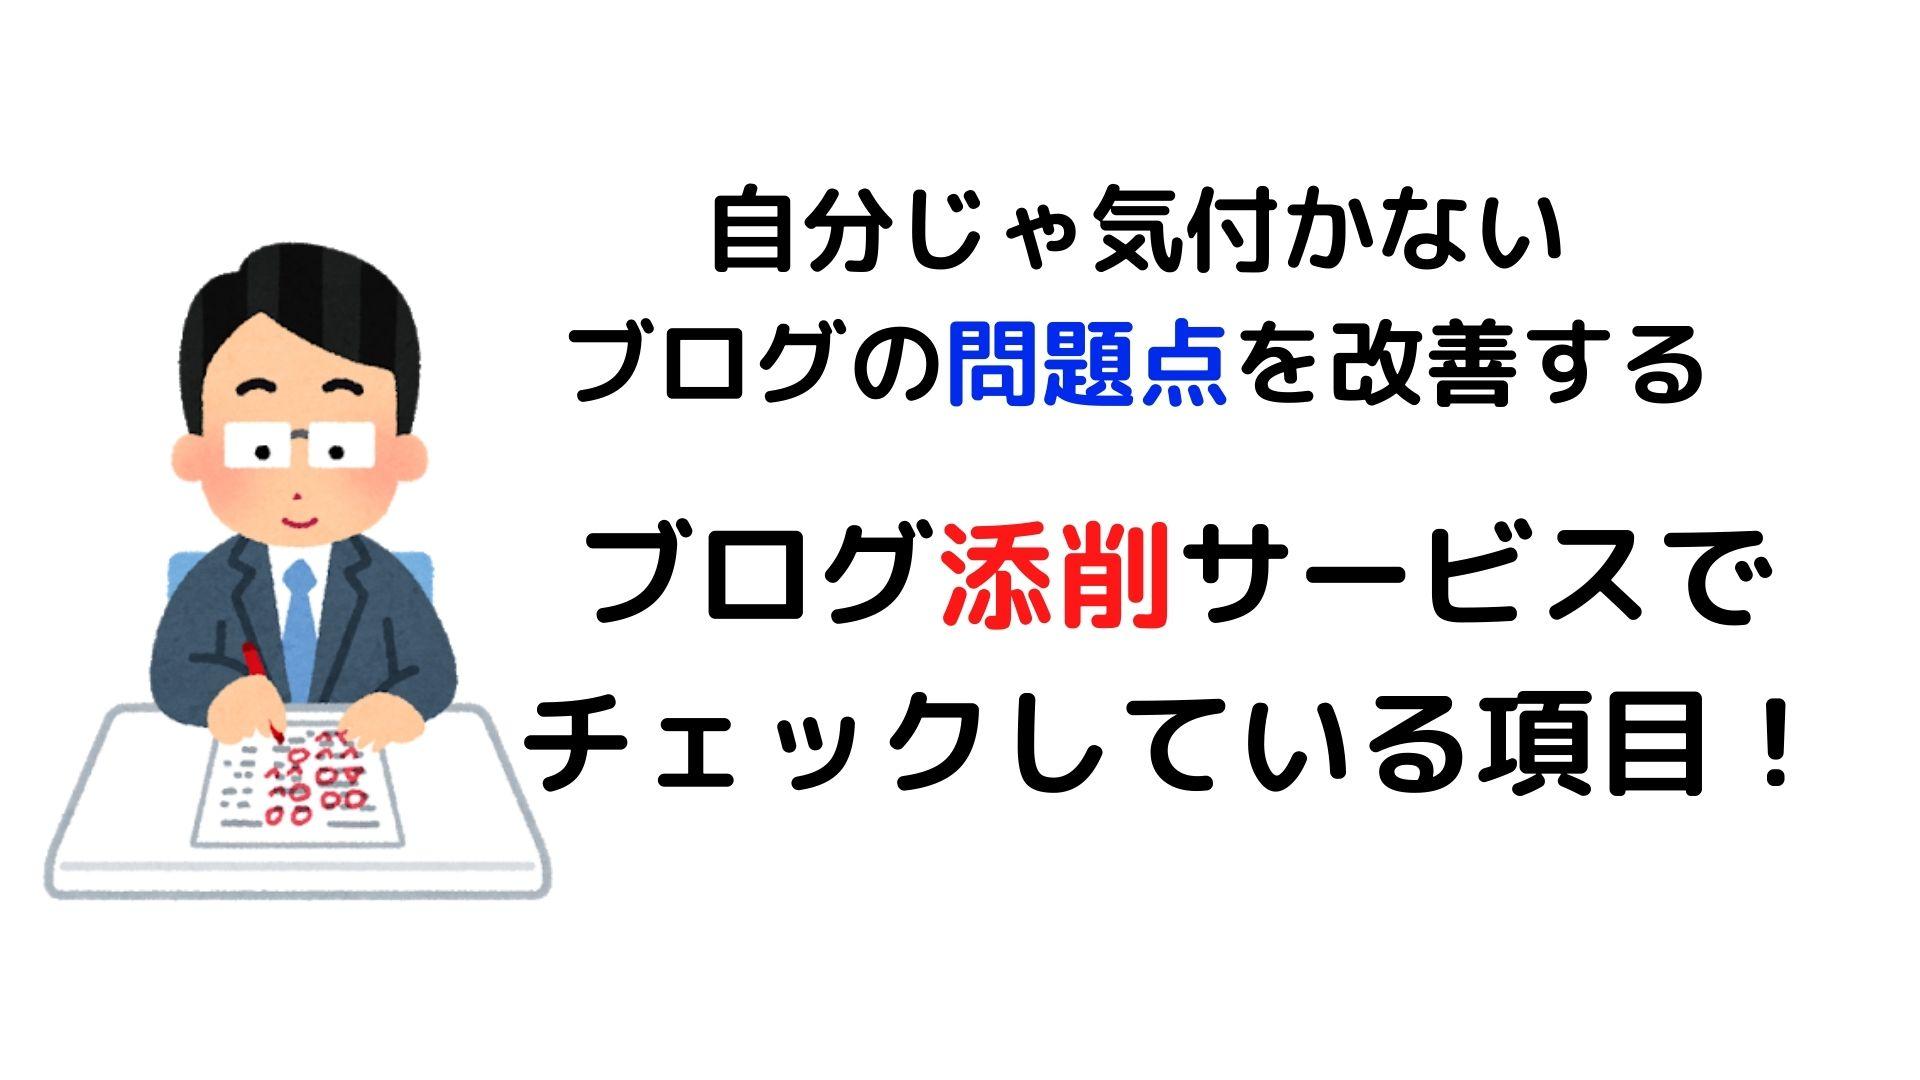 ブログ添削サービス でチェックする項目!